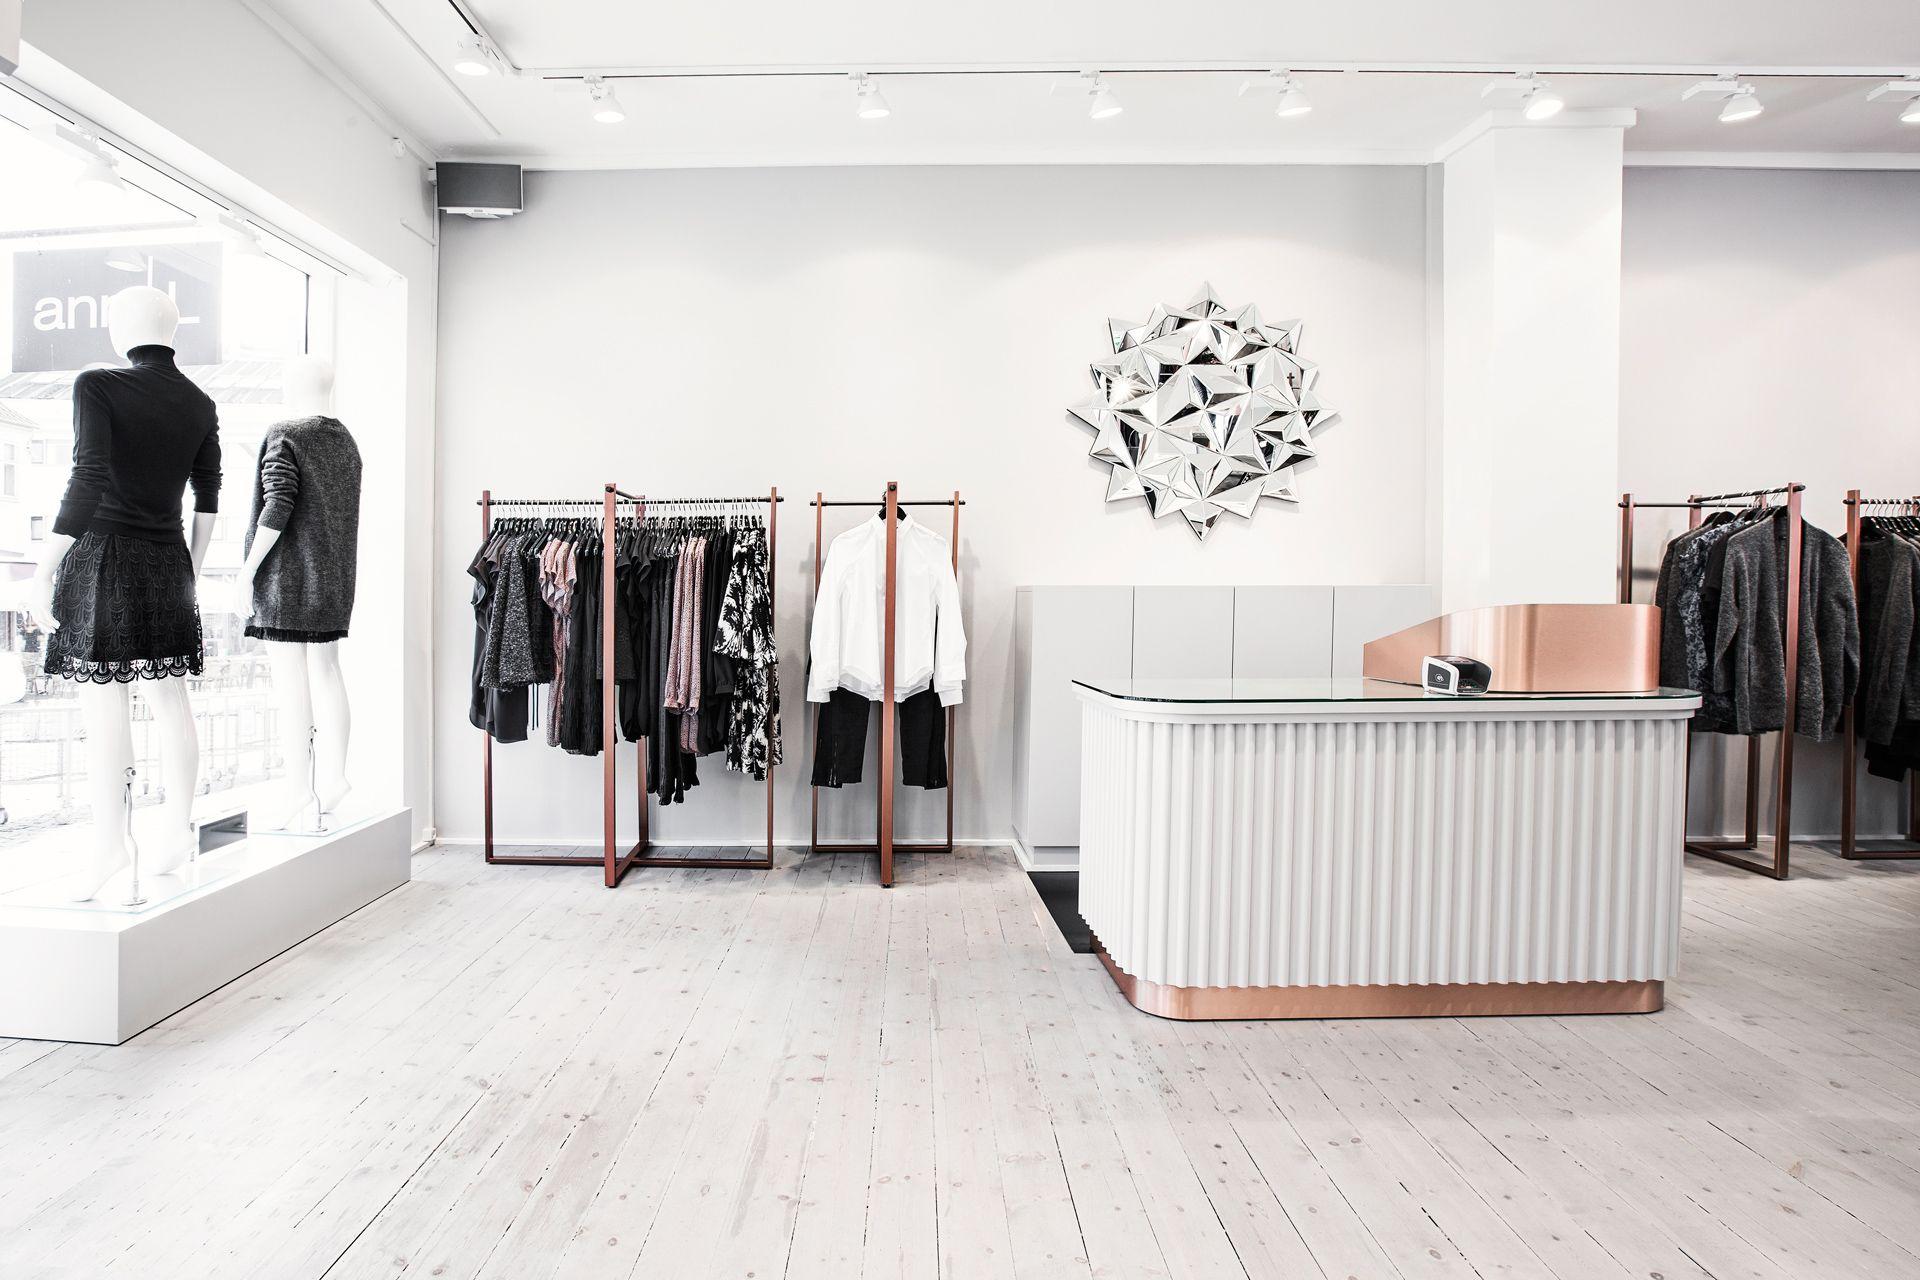 Visual Retailing Uiux Of Designing Retail Spaces